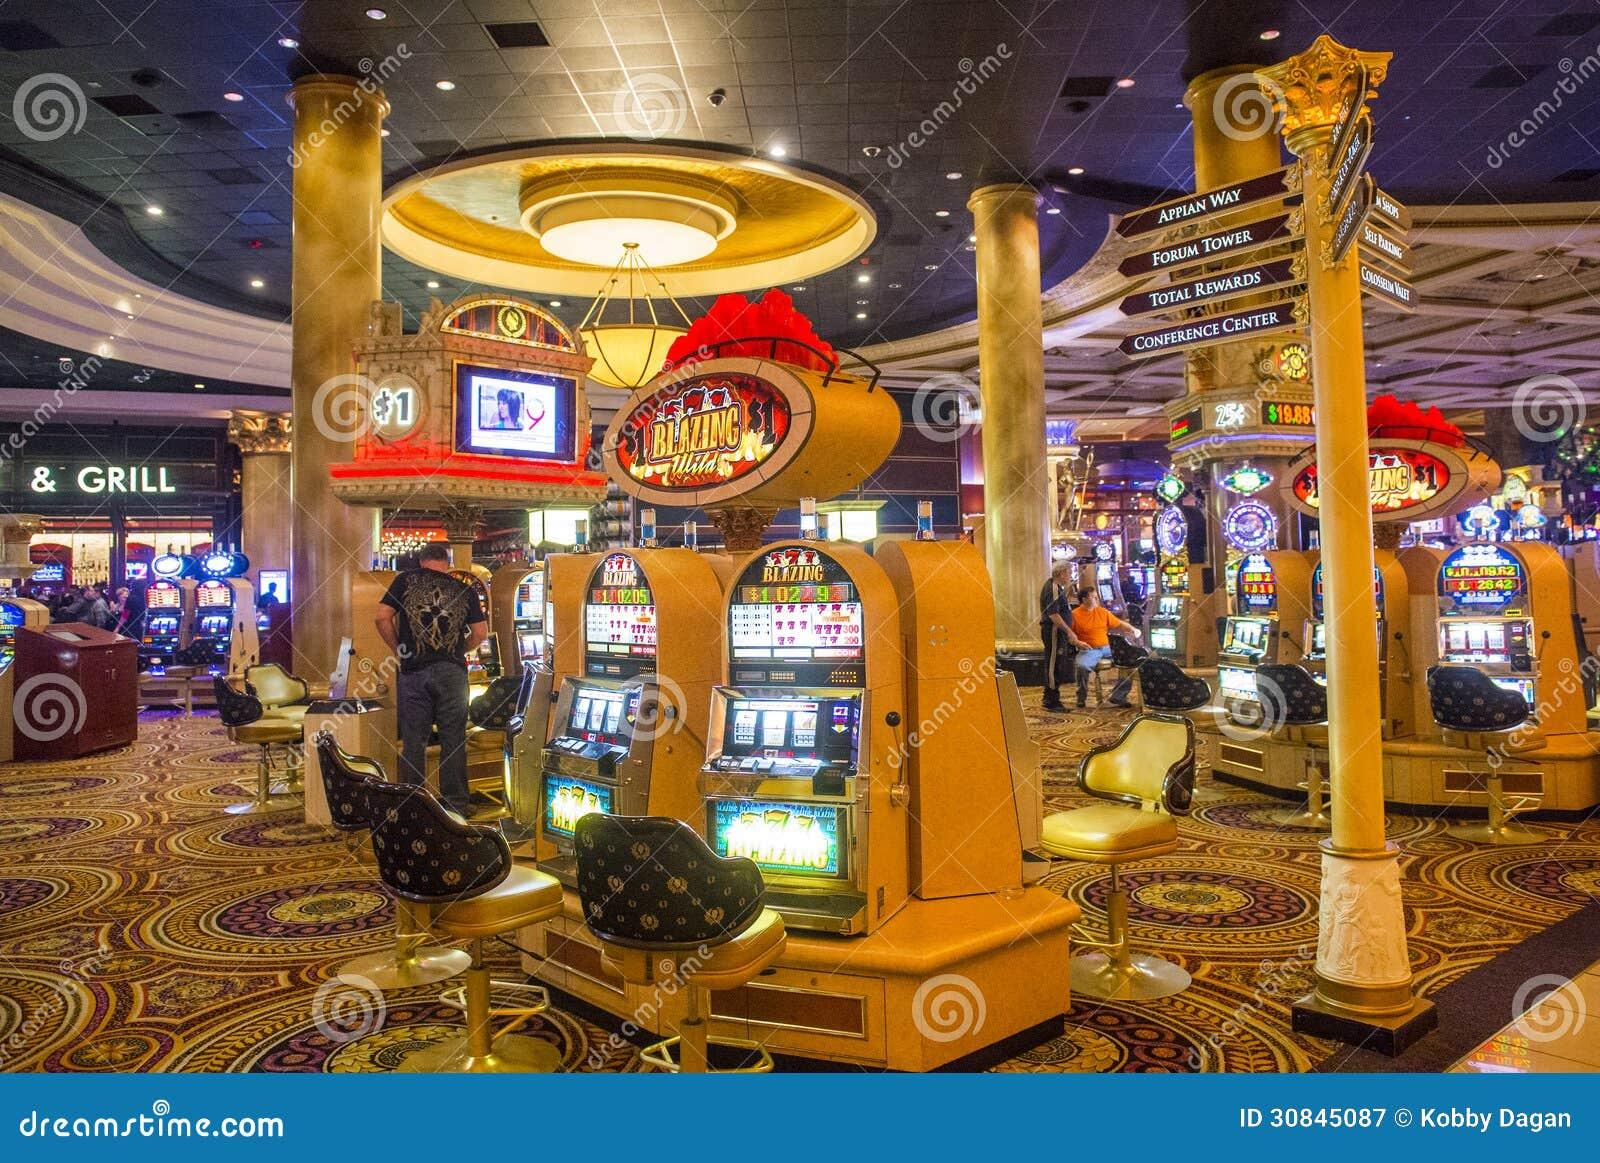 caesars palace online casino joker casino